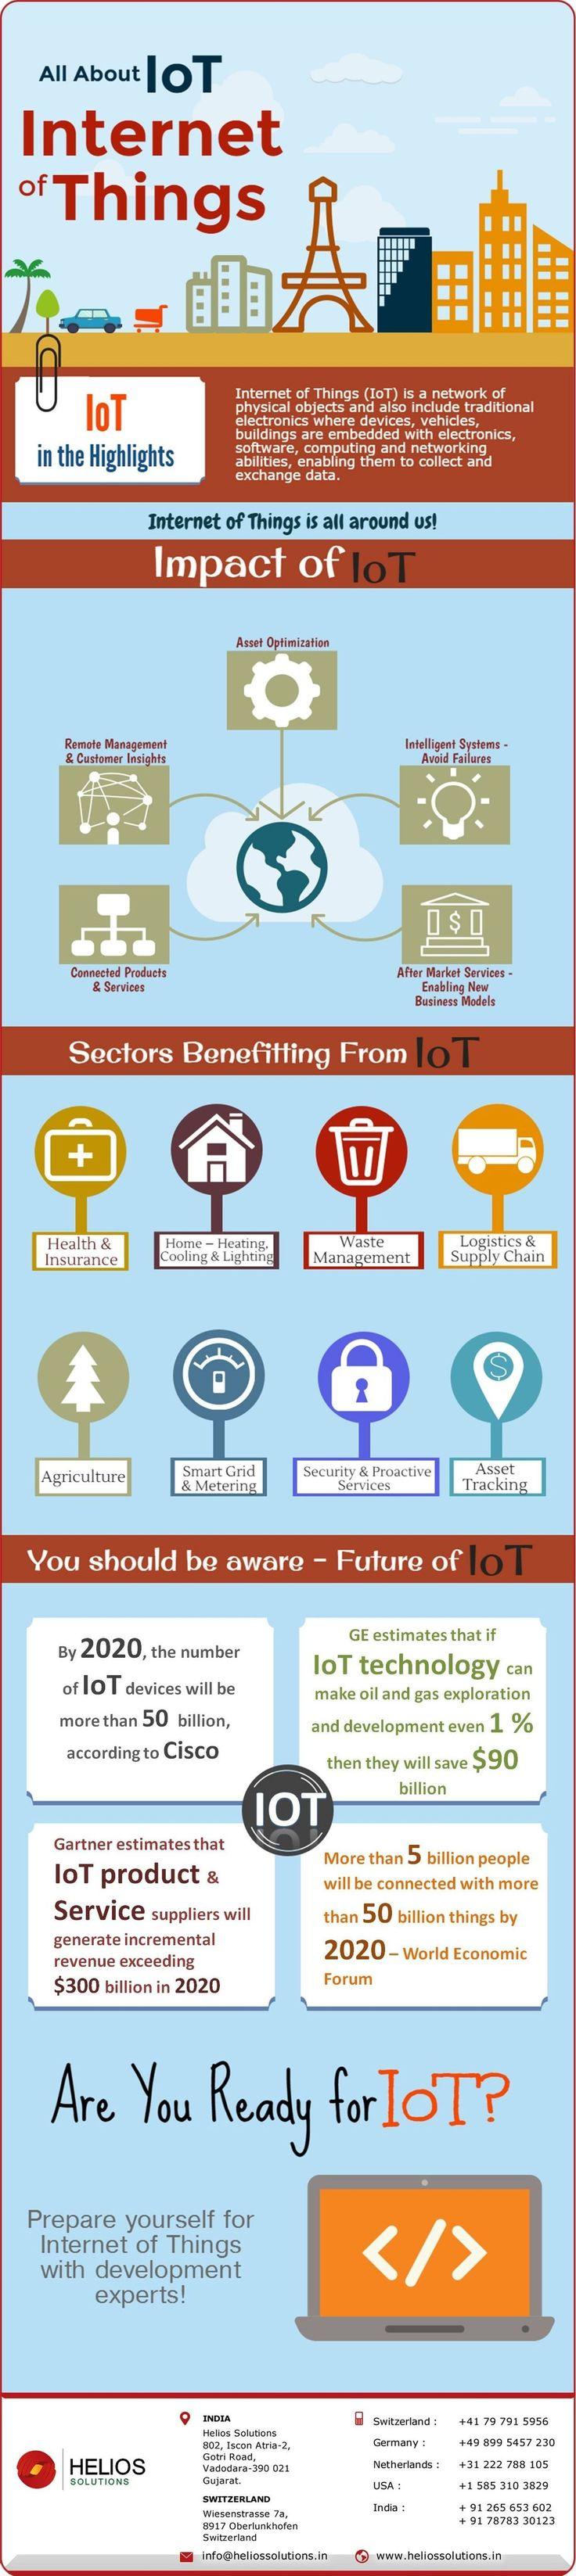 All about IoT - Internet of Things Leia os nossos artigos sobre Marketing Digital no Blog Estratégia Digital em http://www.estrategiadigital.pt/category/marketing-digital/